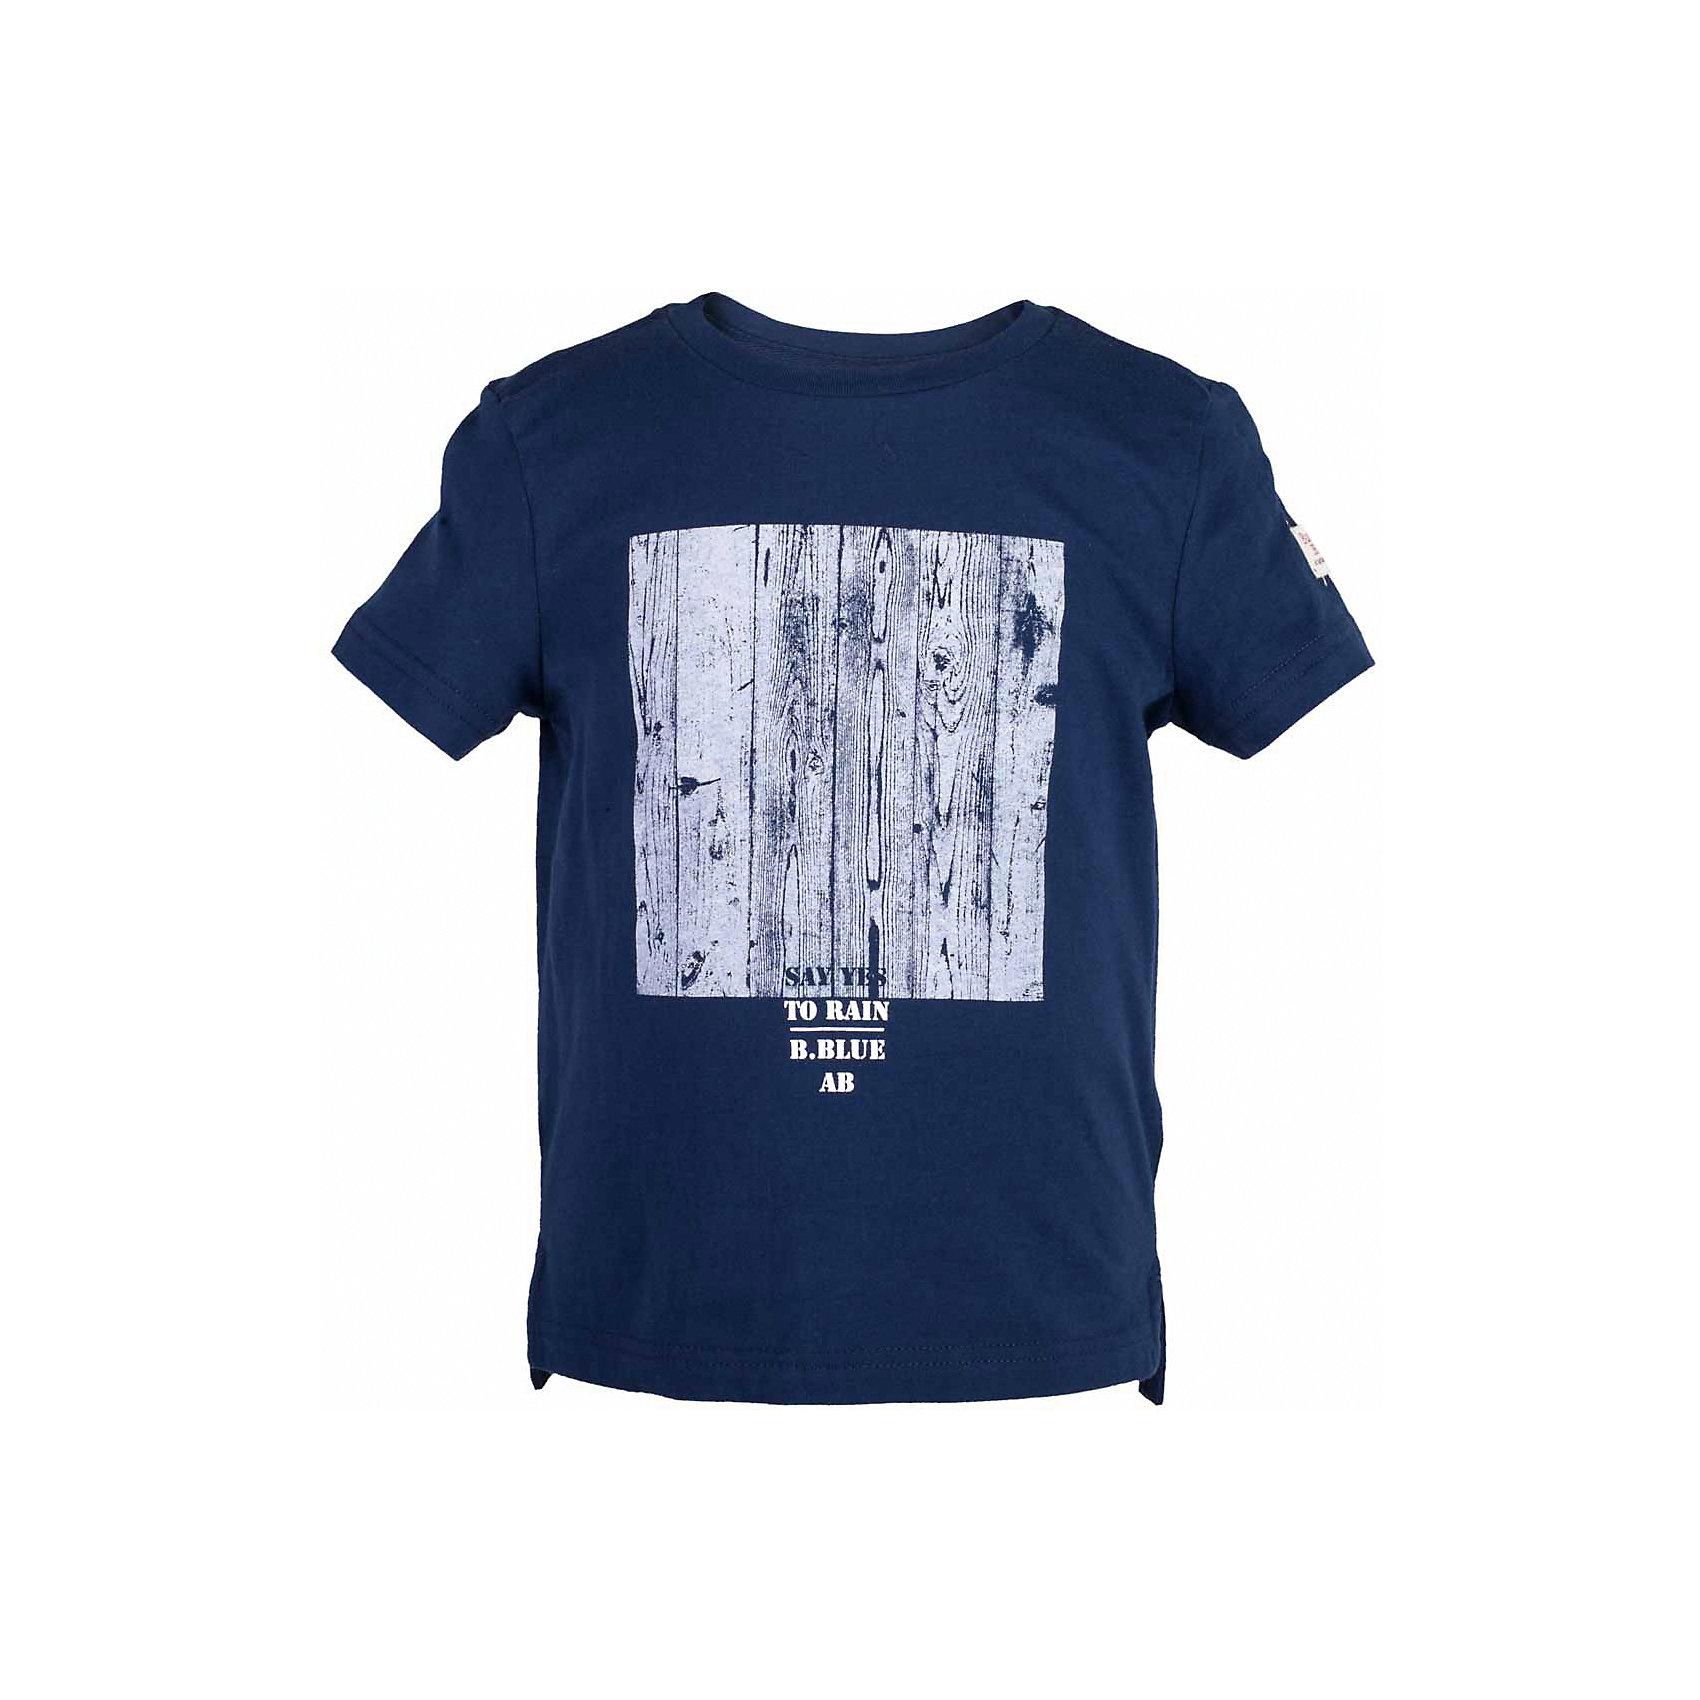 Футболка для мальчика  BUTTON BLUEФутболки, поло и топы<br>Футболка для мальчика  BUTTON BLUE<br>Синяя футболка с крупным принтом - не только базовая вещь в гардеробе ребенка, но и основа модного летнего образа! Если вы решили купить недорогую футболку для мальчика, выберете футболку от Button Blue! Низкая цена изделия не окажет влияния на бюджет семьи, позволив создать интересный гардероб для долгожданных каникул! Высокое качество подарит удобство, комфорт и принесет удовольствие от покупки.<br>Состав:<br>100%  хлопок<br><br>Ширина мм: 199<br>Глубина мм: 10<br>Высота мм: 161<br>Вес г: 151<br>Цвет: синий<br>Возраст от месяцев: 132<br>Возраст до месяцев: 144<br>Пол: Мужской<br>Возраст: Детский<br>Размер: 152,158,98,104,110,116,122,128,134,140,146<br>SKU: 5524221